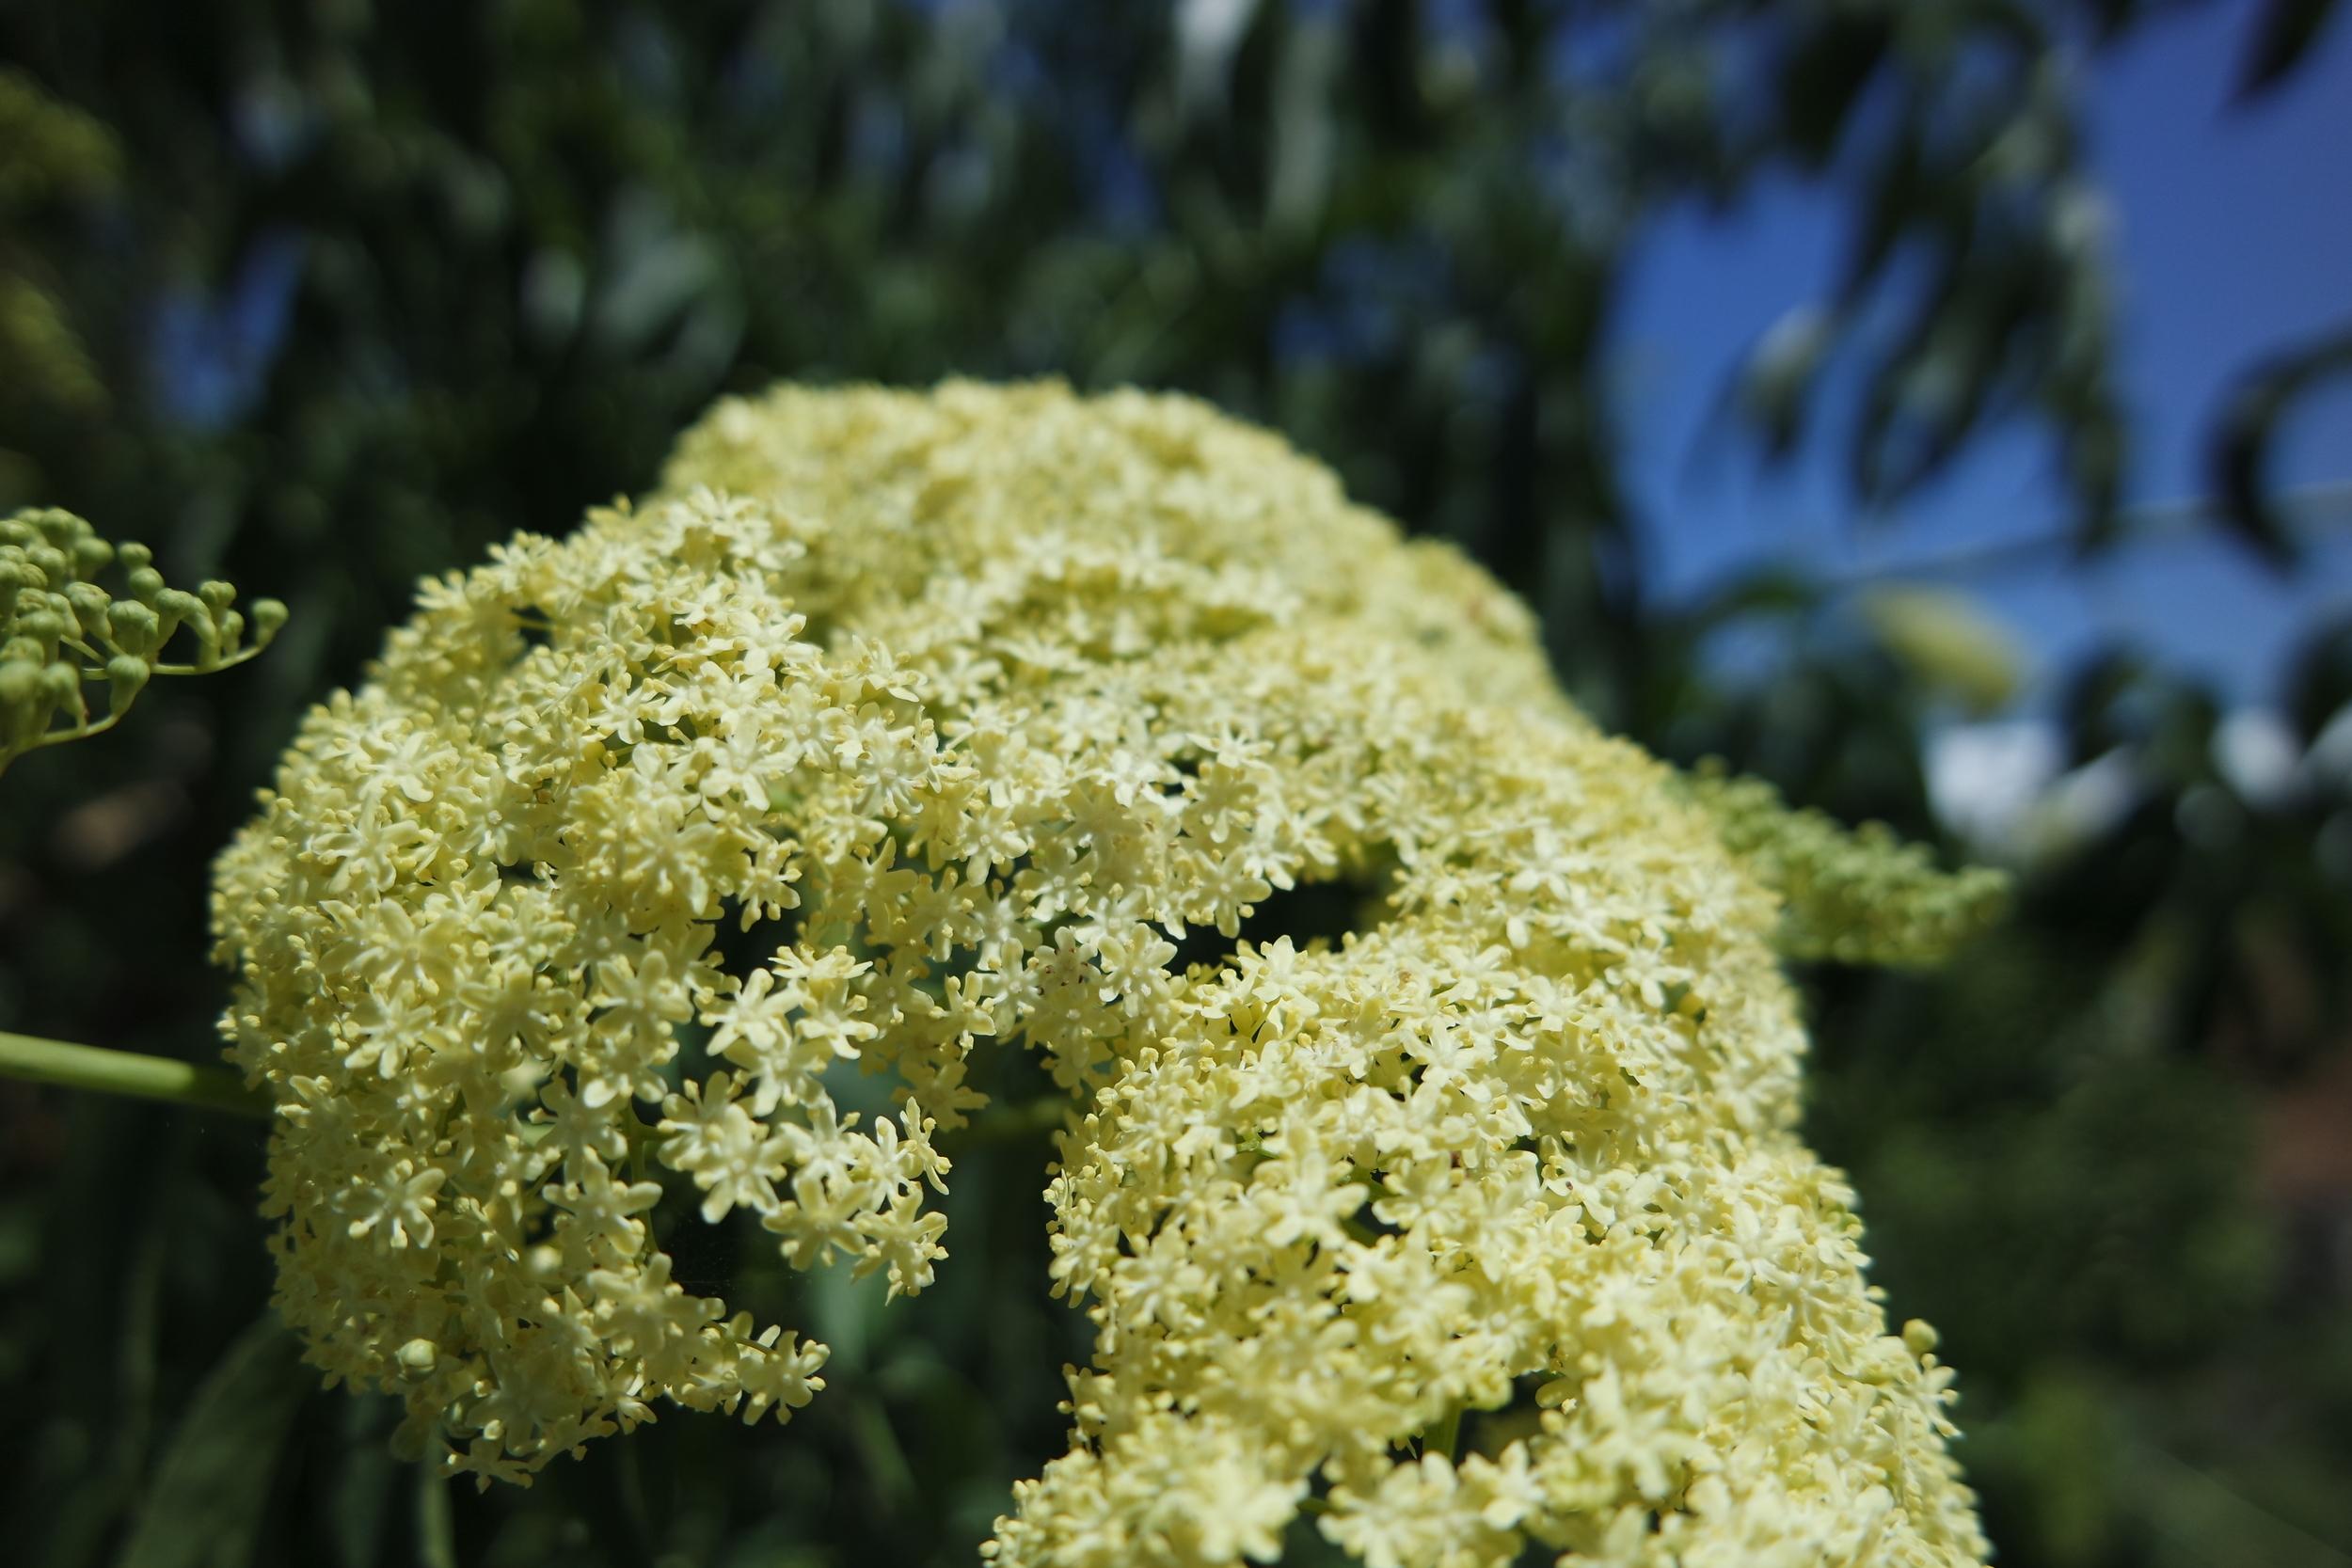 Elder flower by author